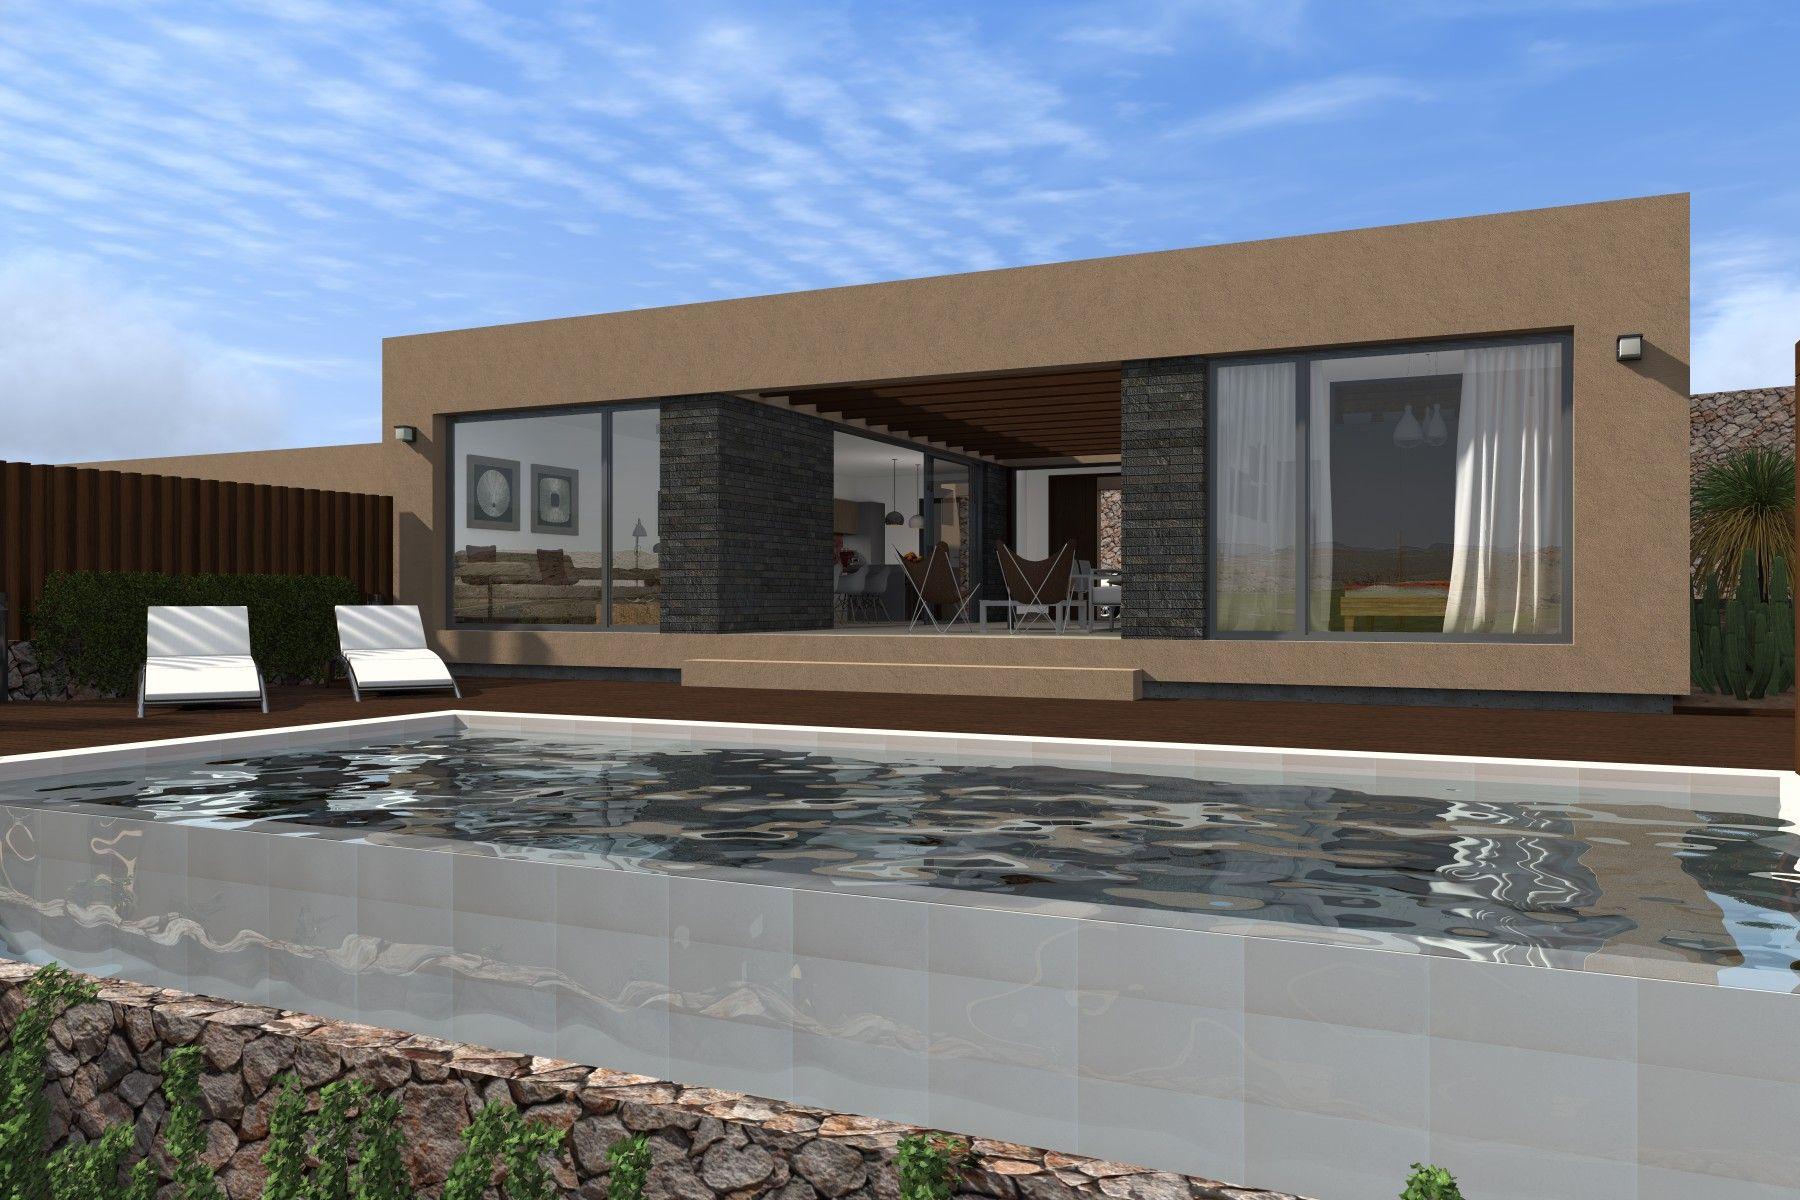 Vista 3D exterior de la villa tipo de 1 planta.  #3d #architecture3d #artlantis #Archicad #model3d #design3d #render #rendering #3dmodel #3ddesign #renderings #Photoshop